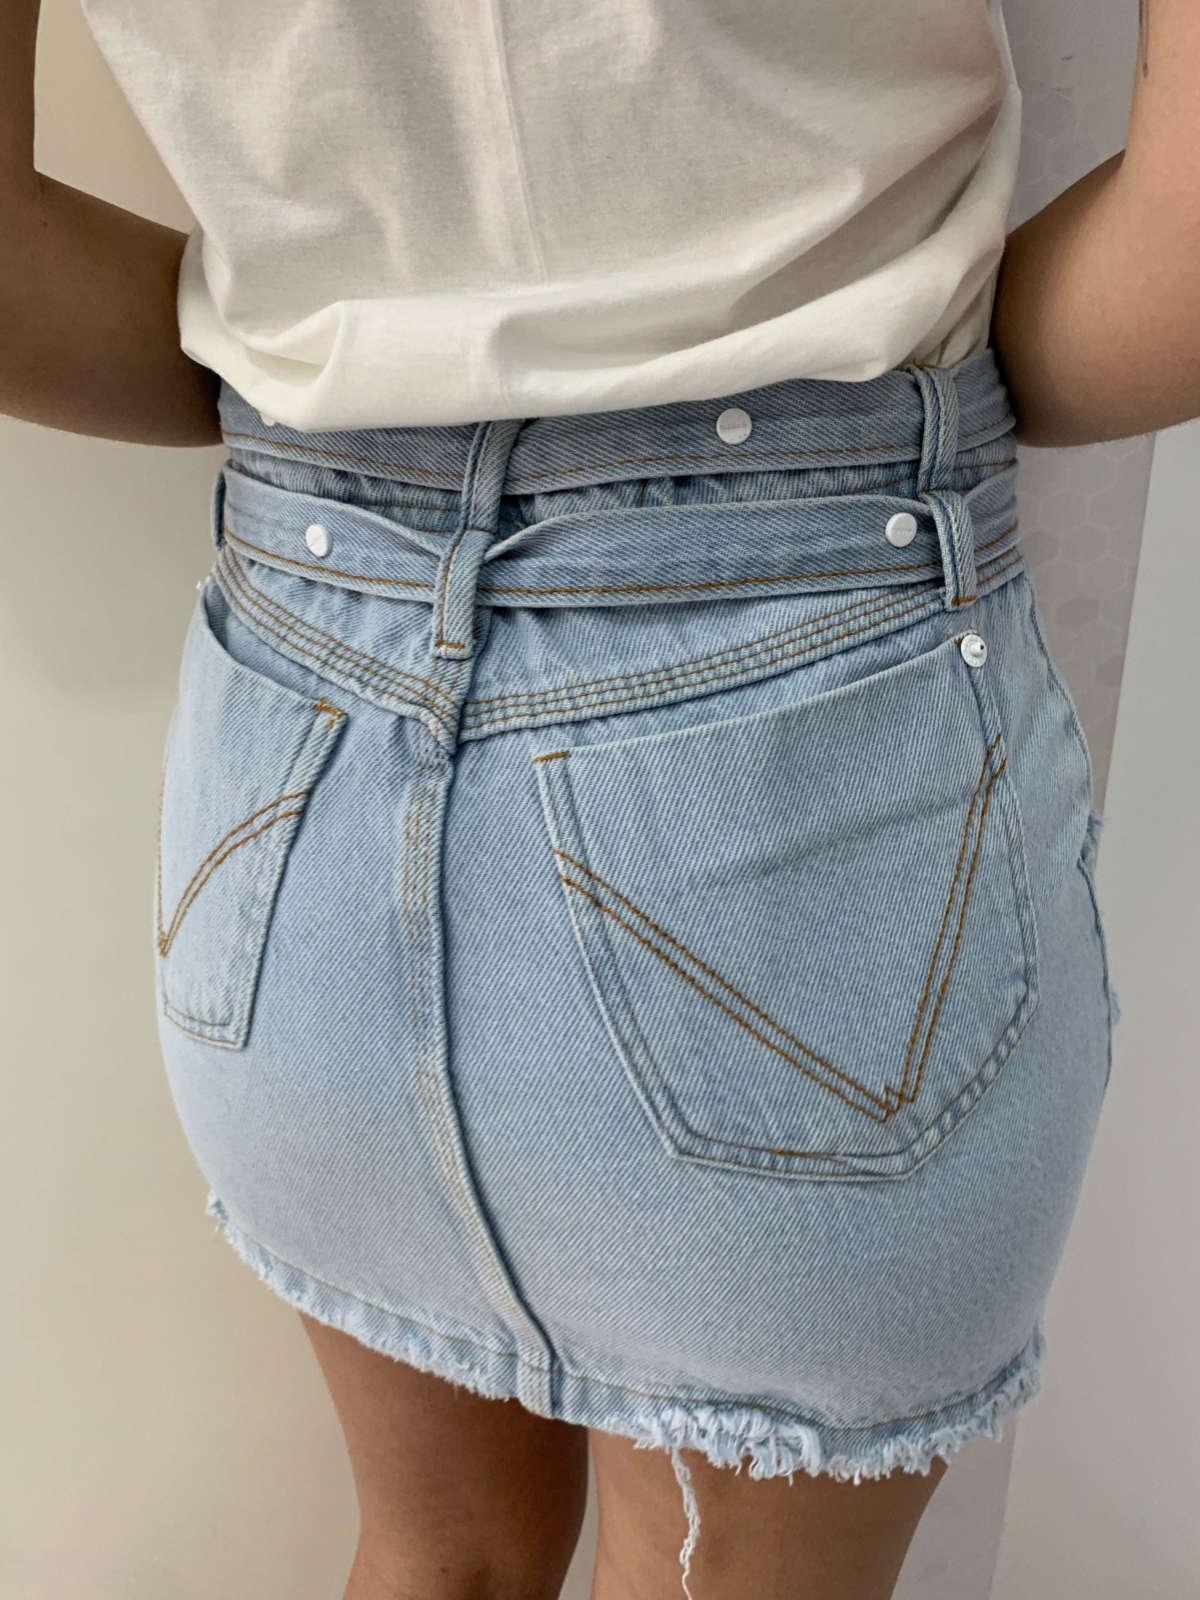 tanana corp subțire pantalon